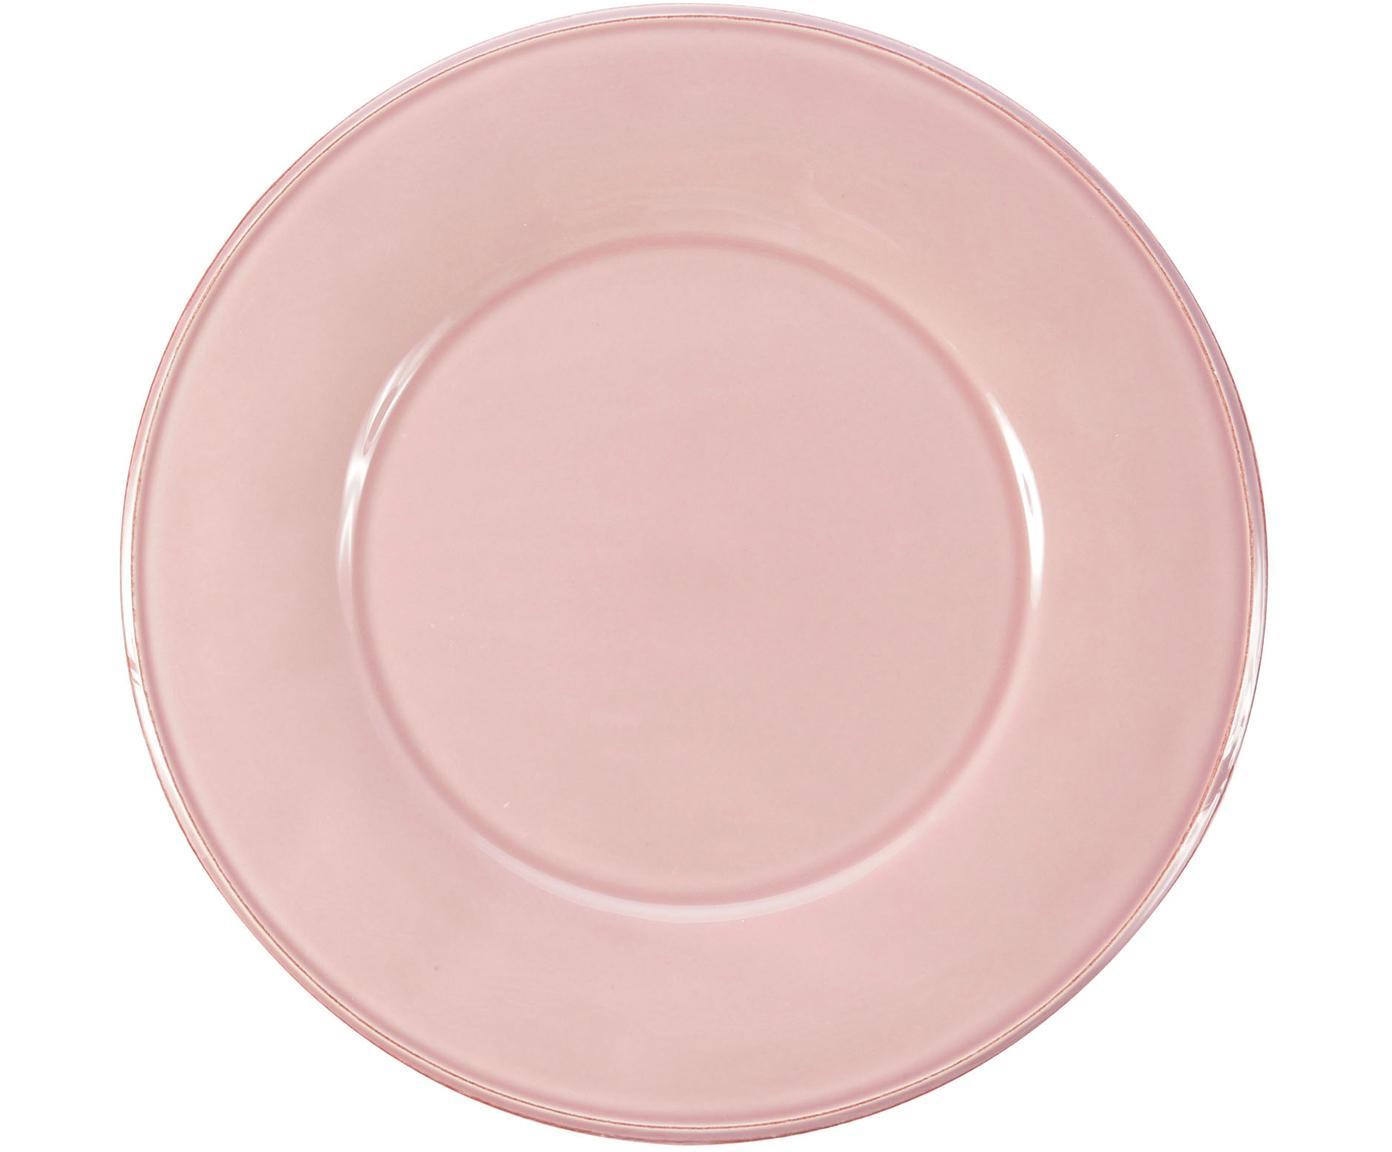 Piatto piano in rosa Constance 2 pz, Ceramica, Rosa, Ø 29 cm